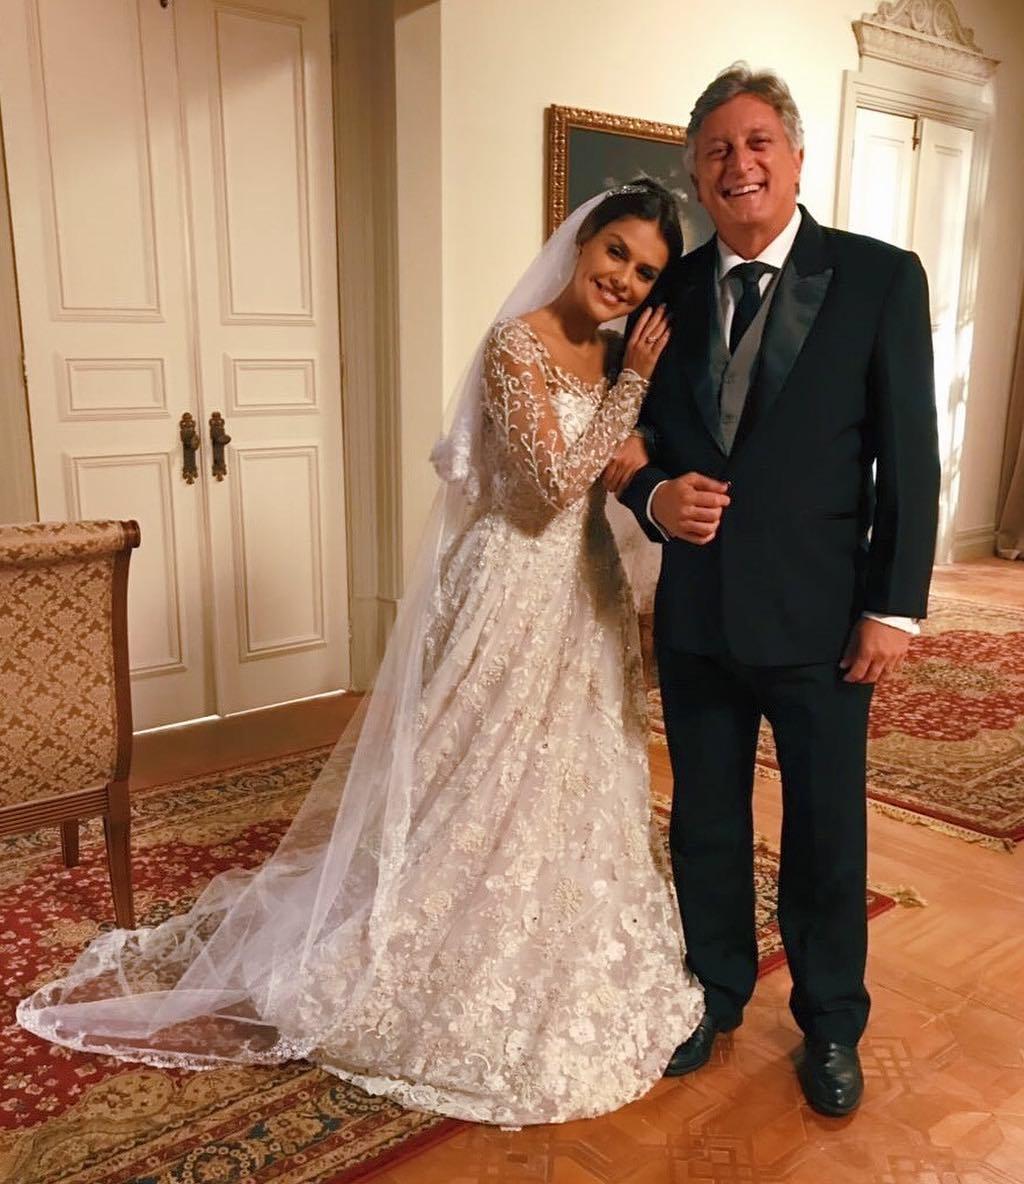 Eduardo Galvão casando a filha.